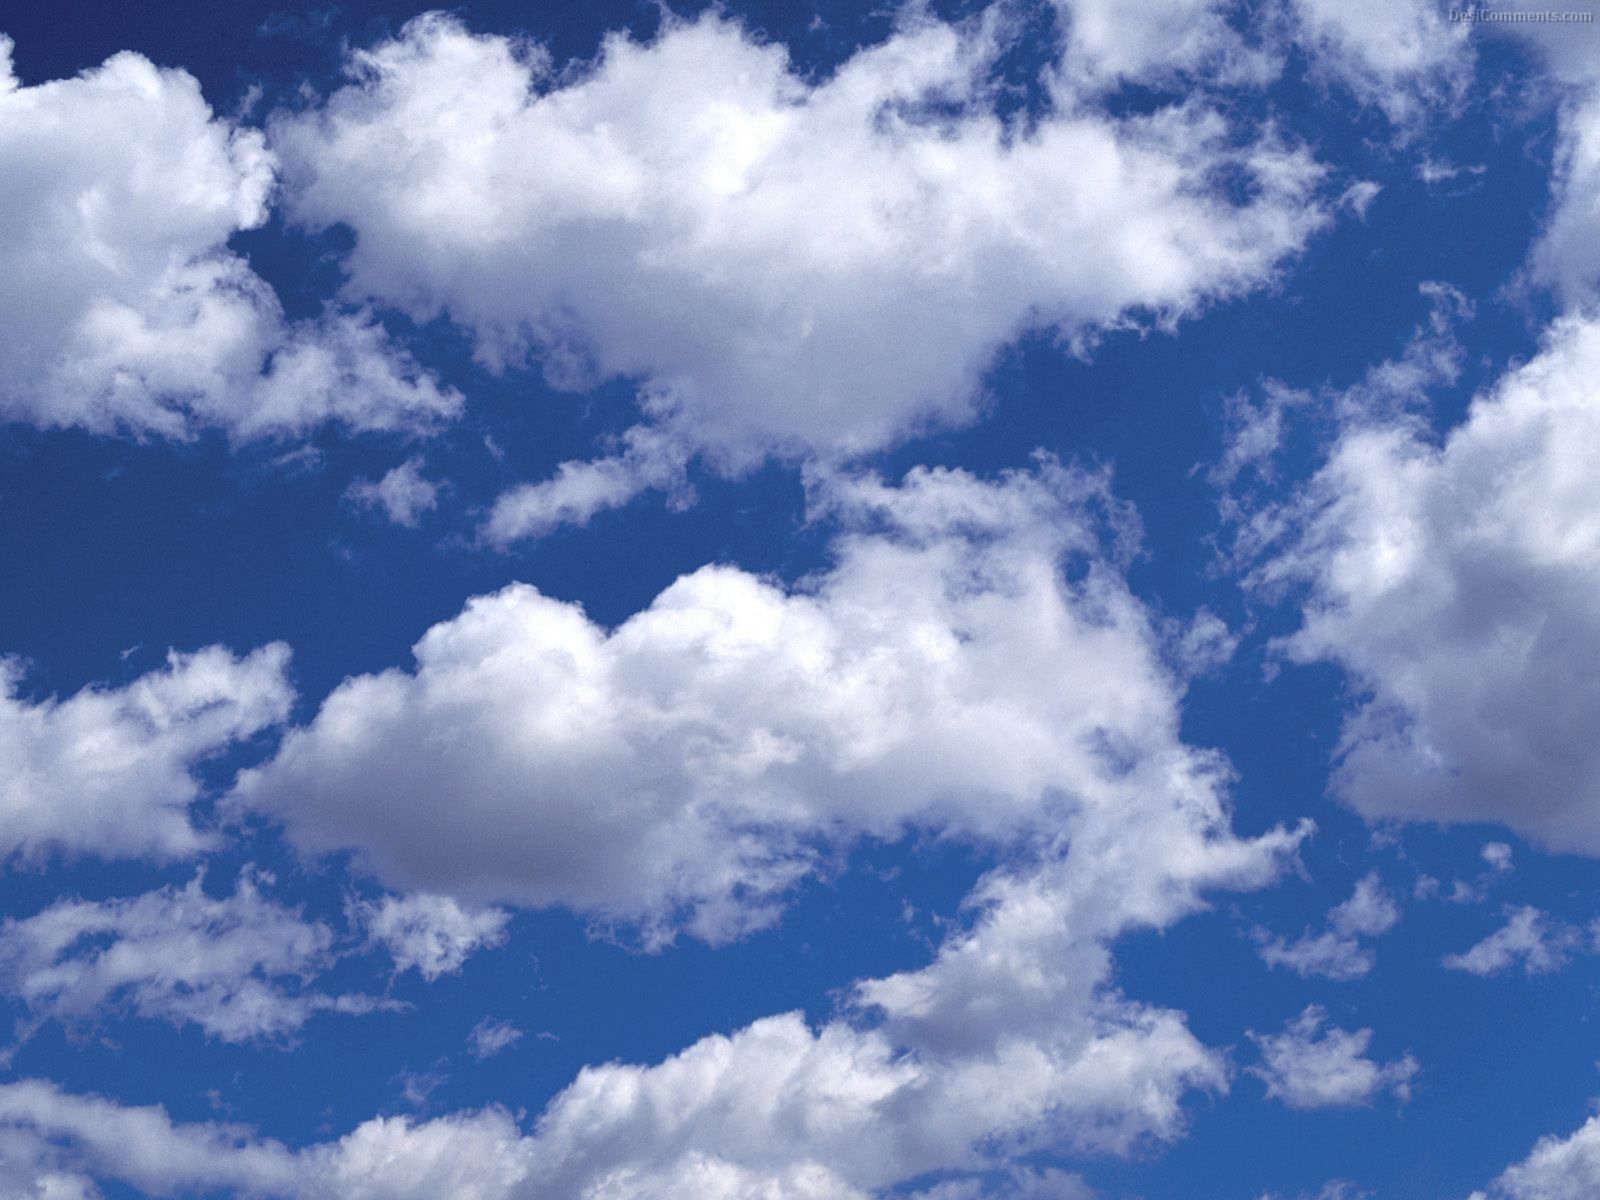 cloud wallpaper enticing